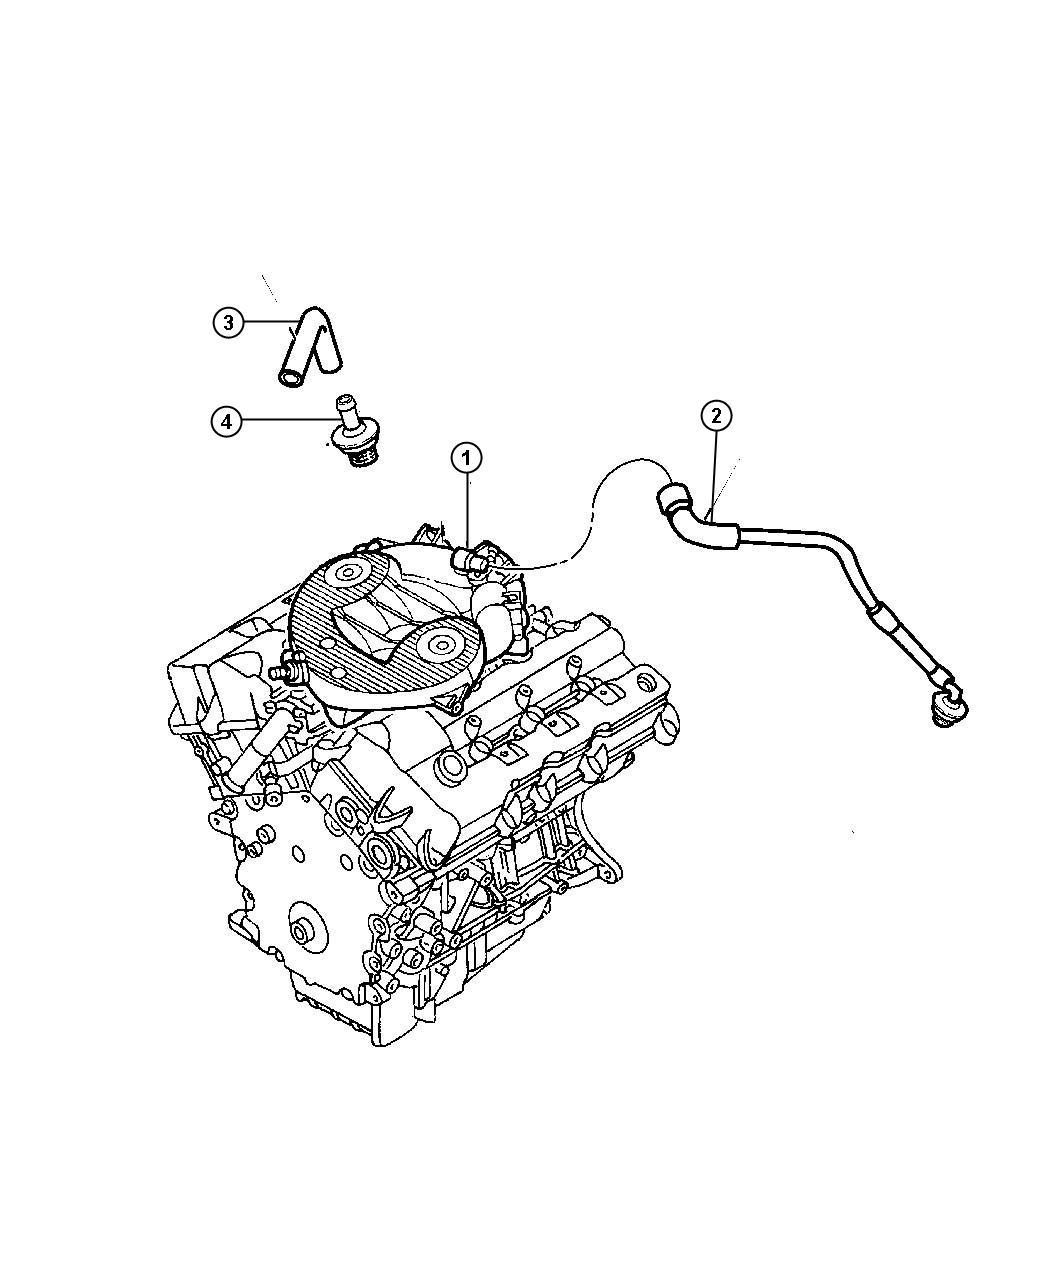 Chrysler Sebring Valve Pcv Ees